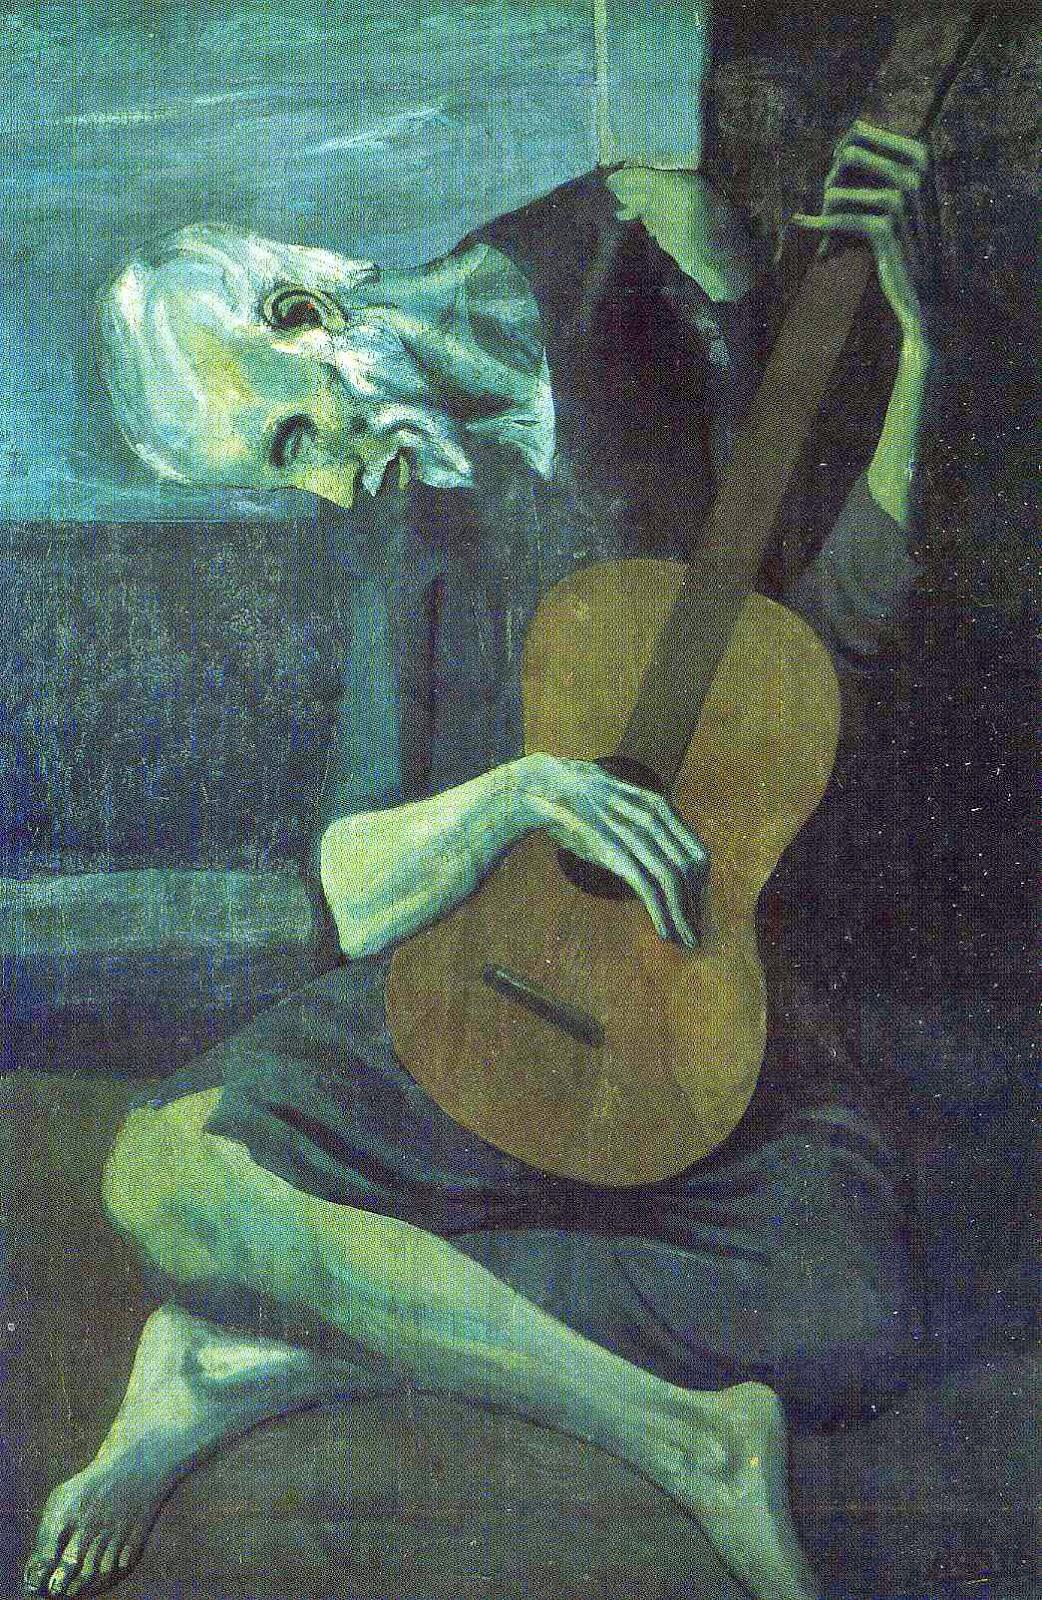 Guitarrista Cego Idoso - Picasso e suas pinturas ~ O maior expoente da Arte Moderna